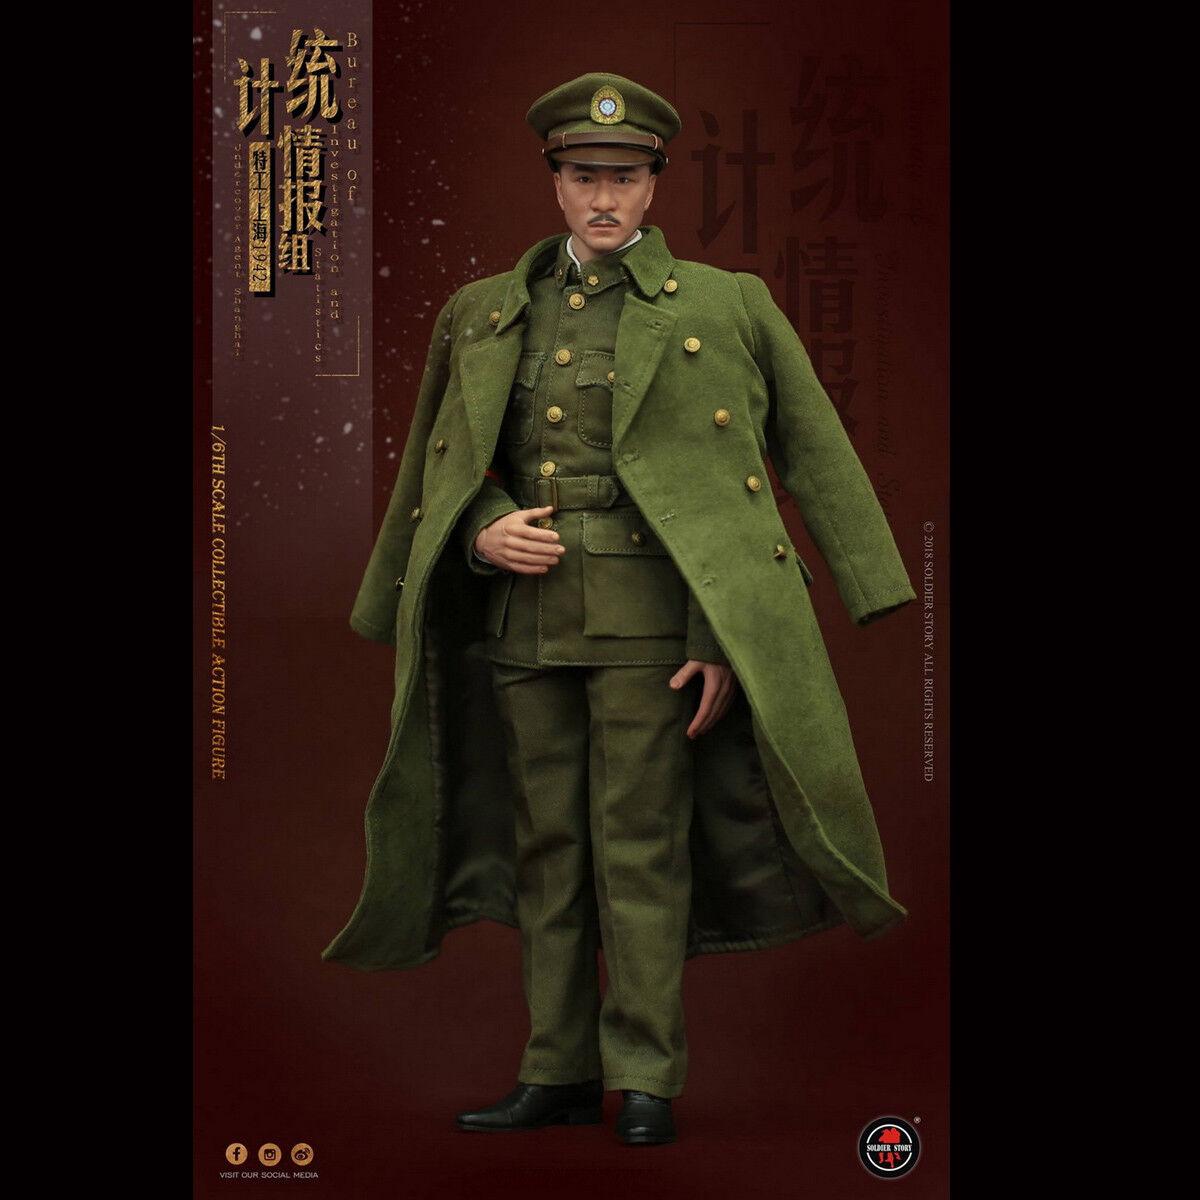 Soldier Story SS113 1 6th bis agente encubierto Shanghai 1942 12  Figura De Acción